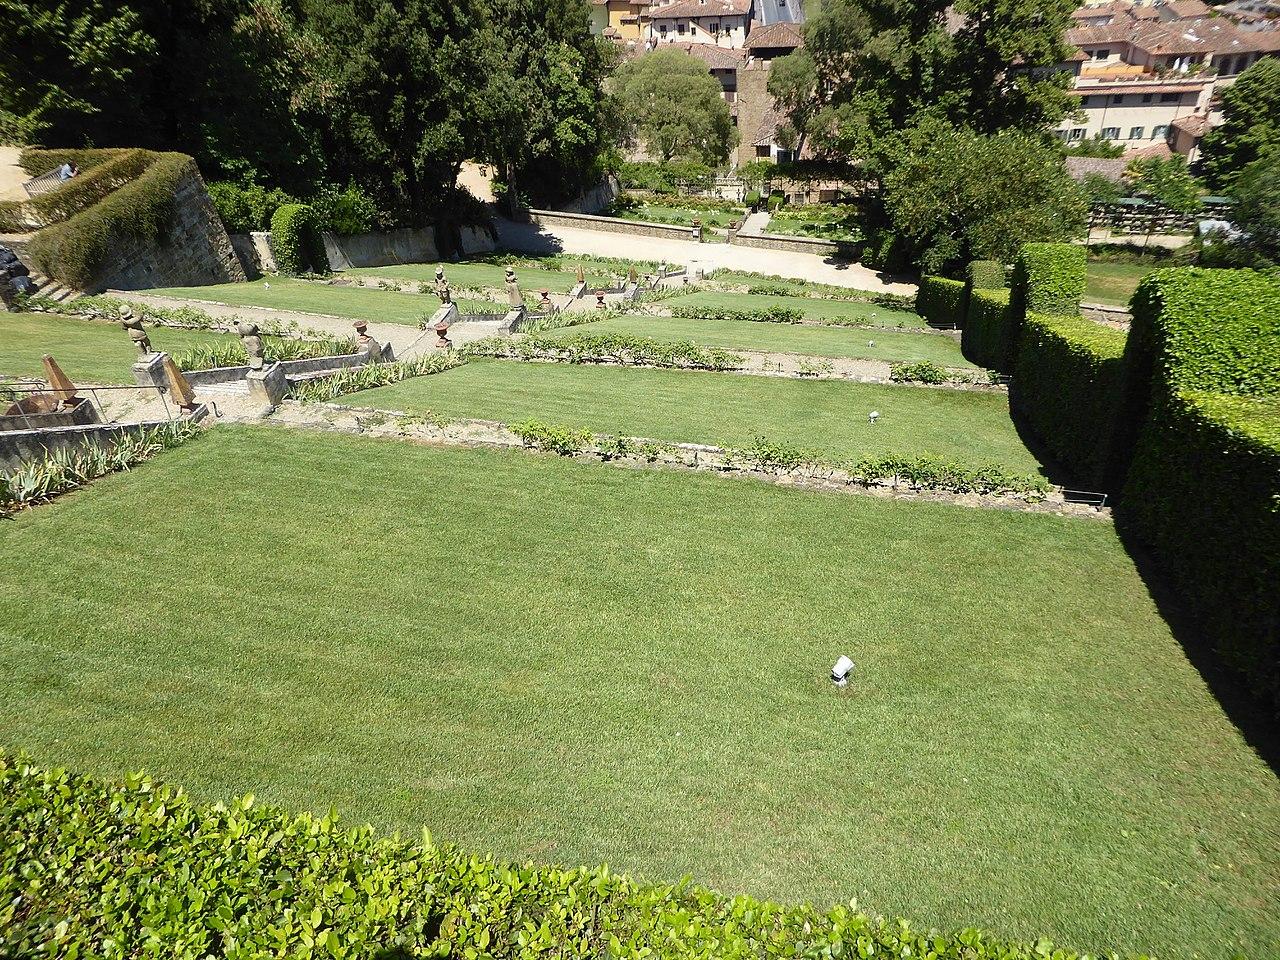 Giardino Bardini, Florence